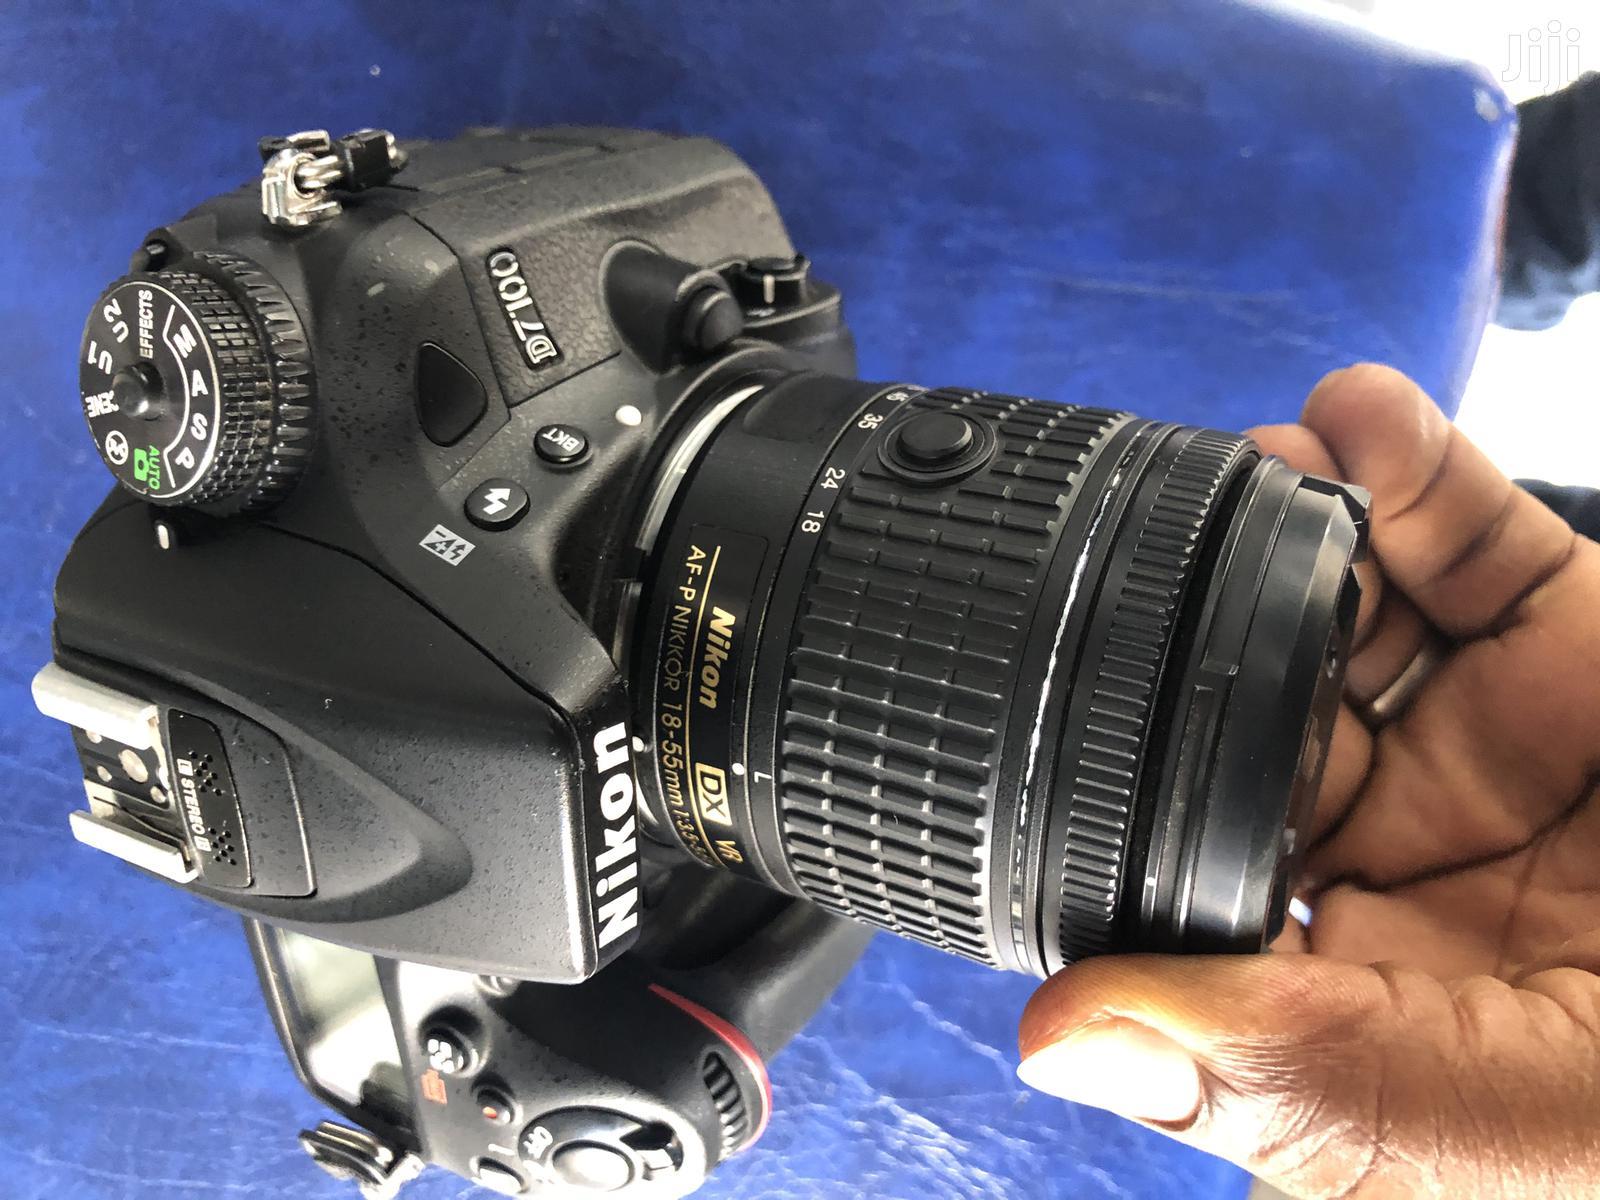 Nikon 70001 Very Net Camera as U.K Use.